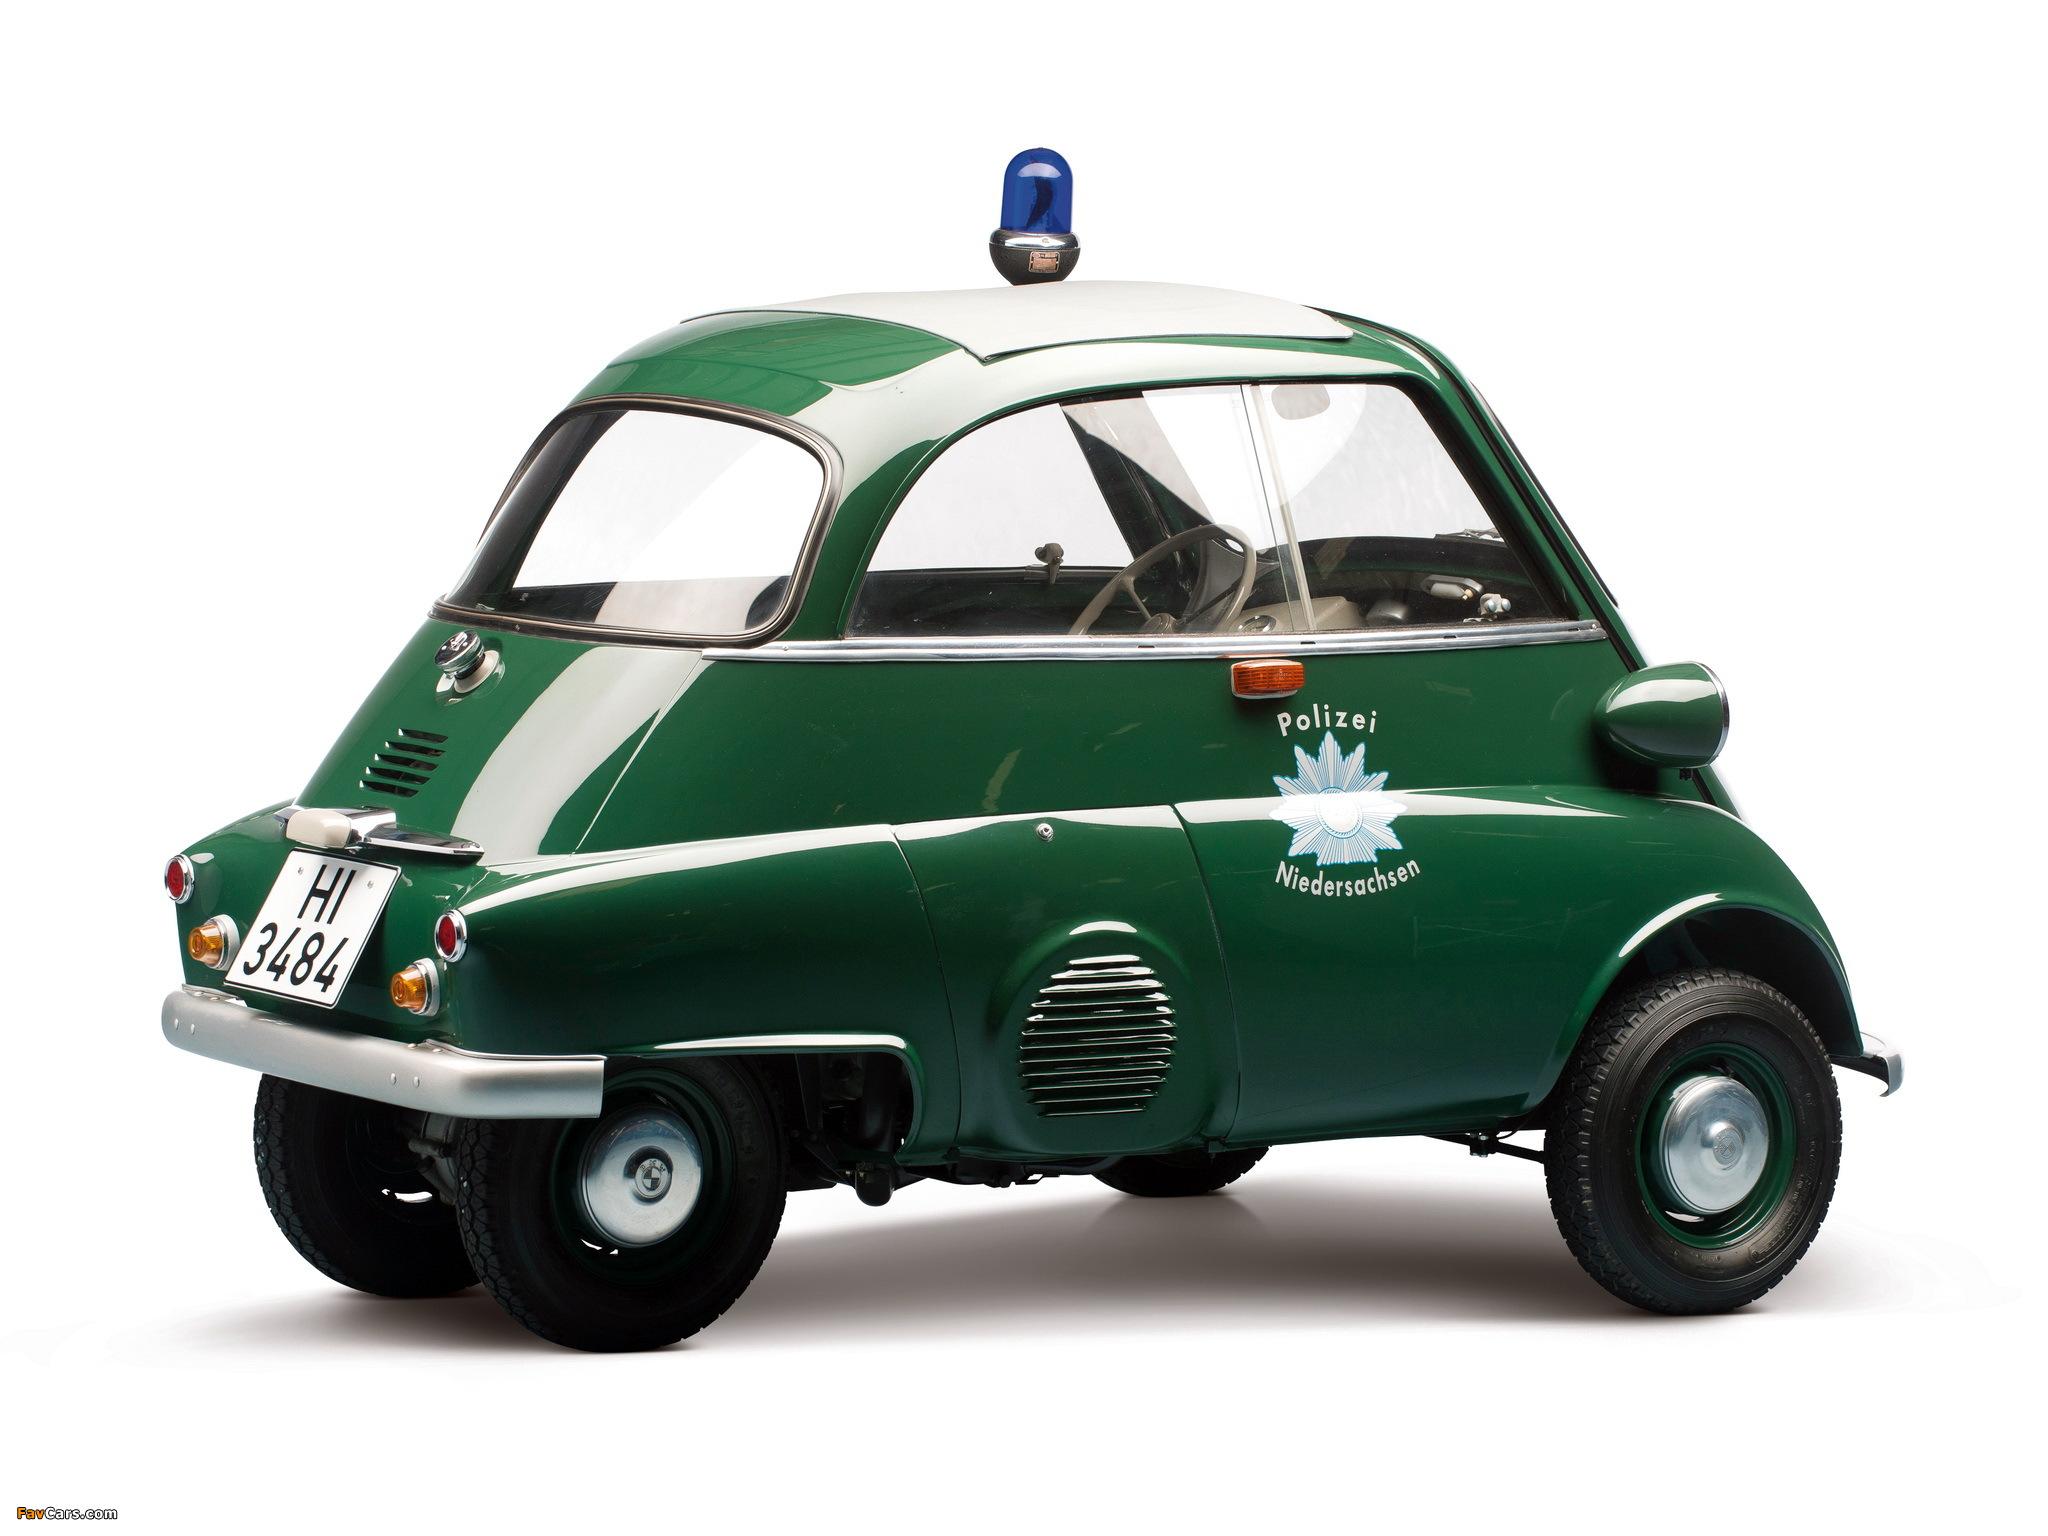 Bmw Isetta 300 Polizei 1958 62 Photos 2048x1536